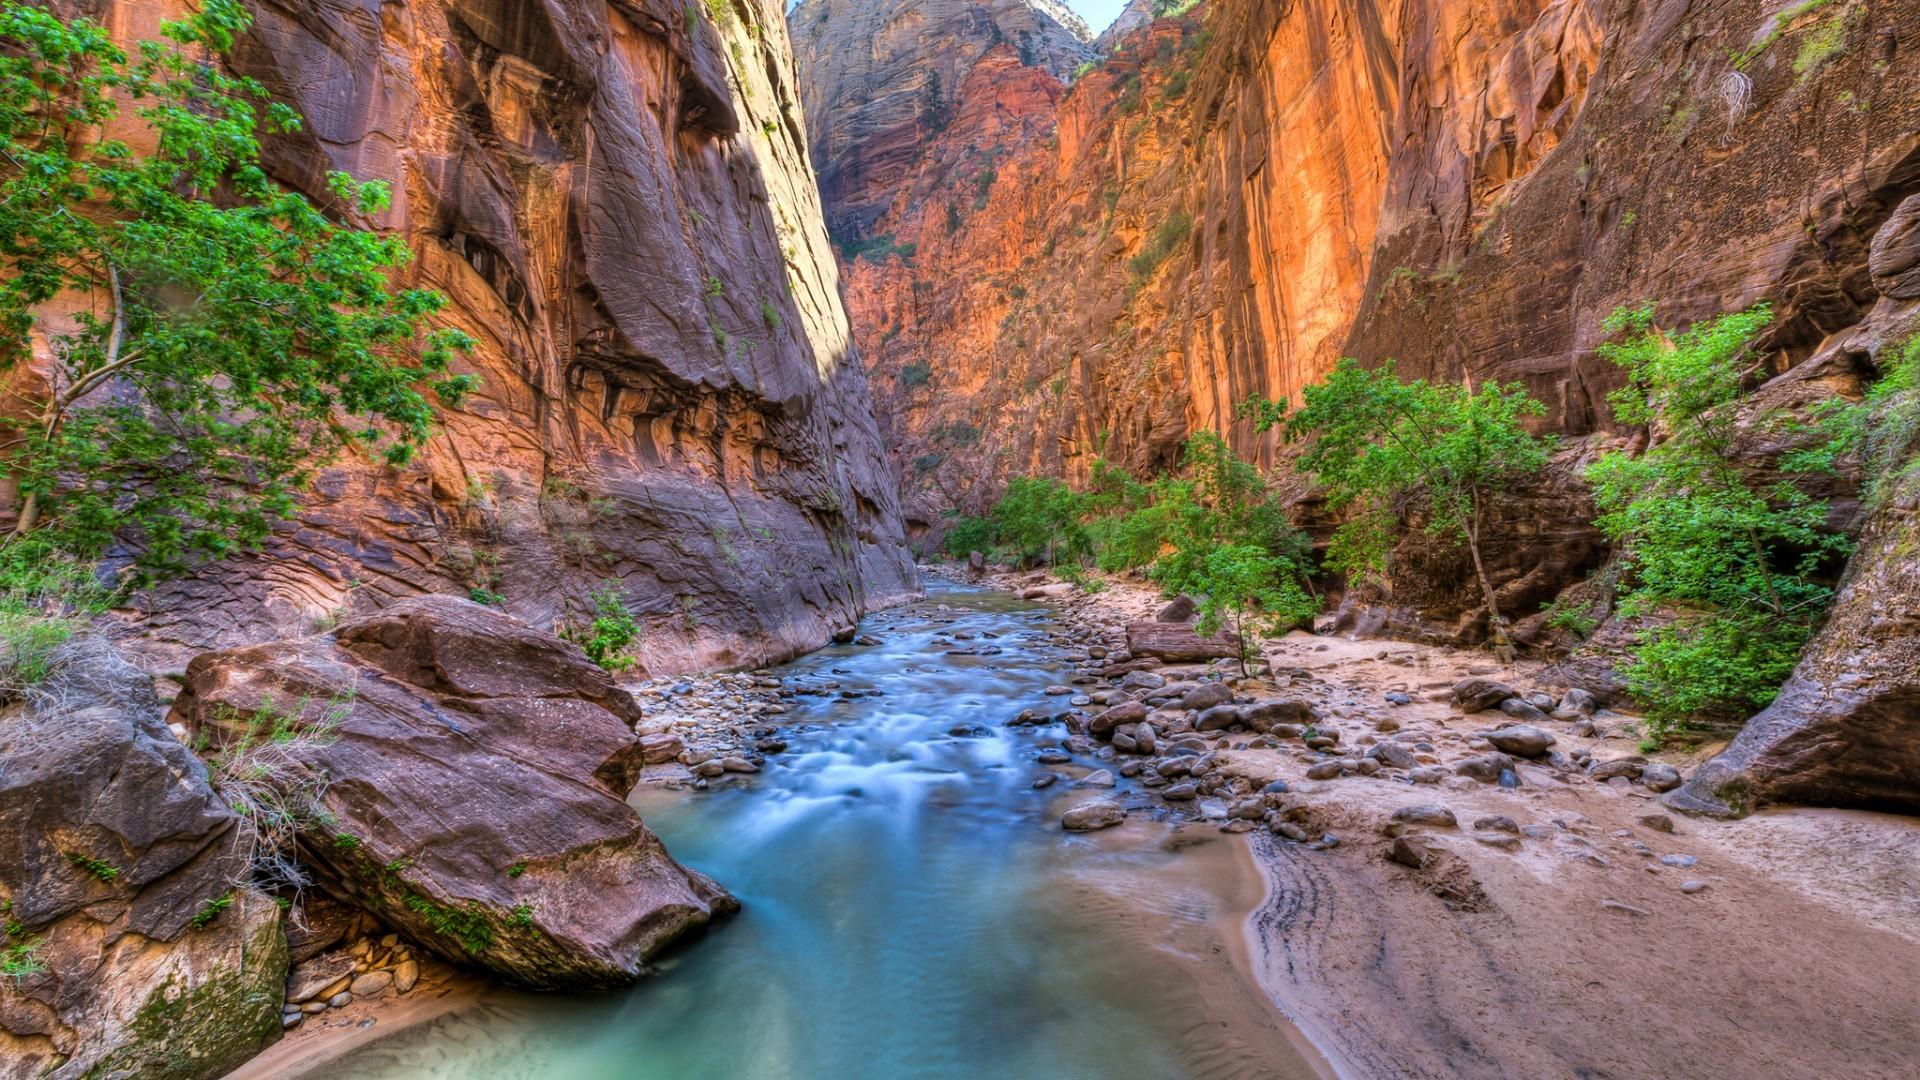 Zion National Park Desktop Wallpaper 66 Images